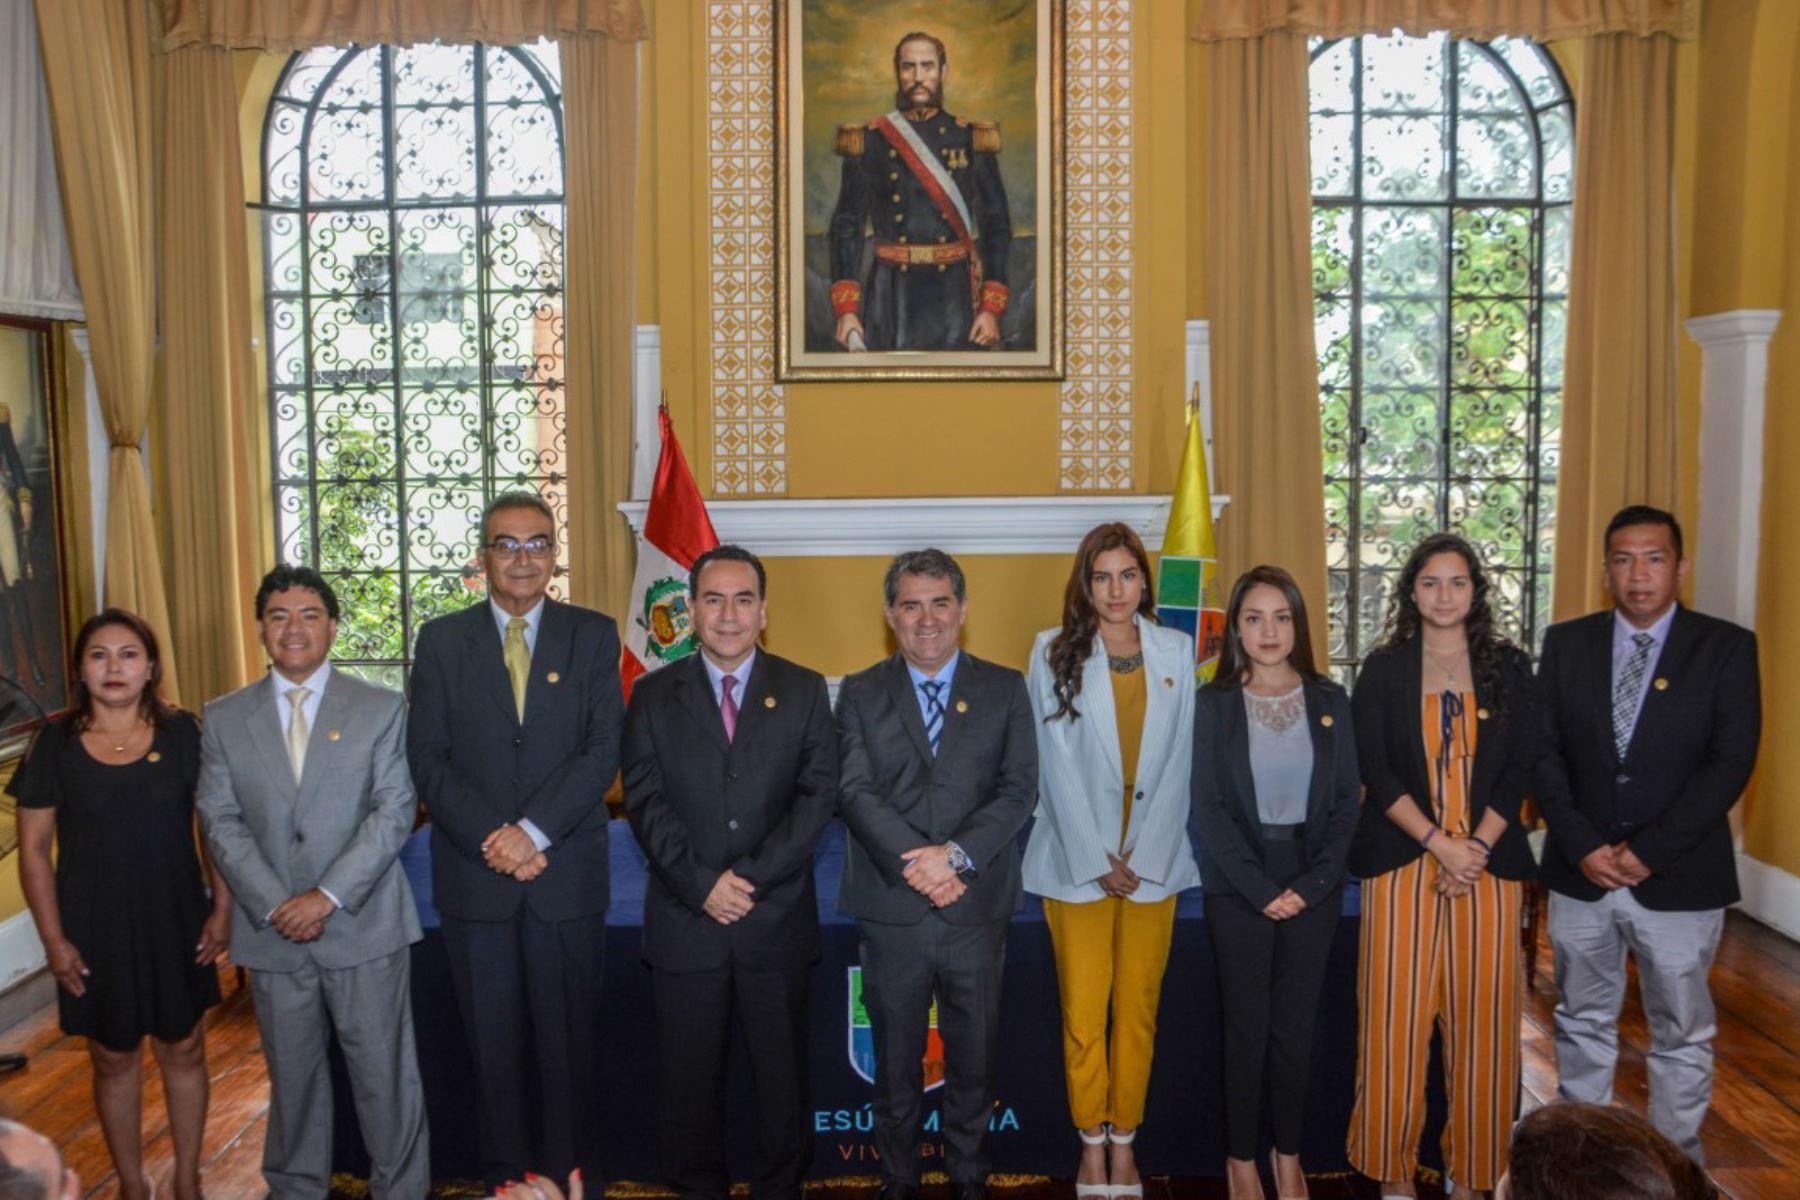 Alcalde Jorge Quintana García Godos asumió funciones en ceremonia desarrollada en palacio municipal. Foto: Cortesía